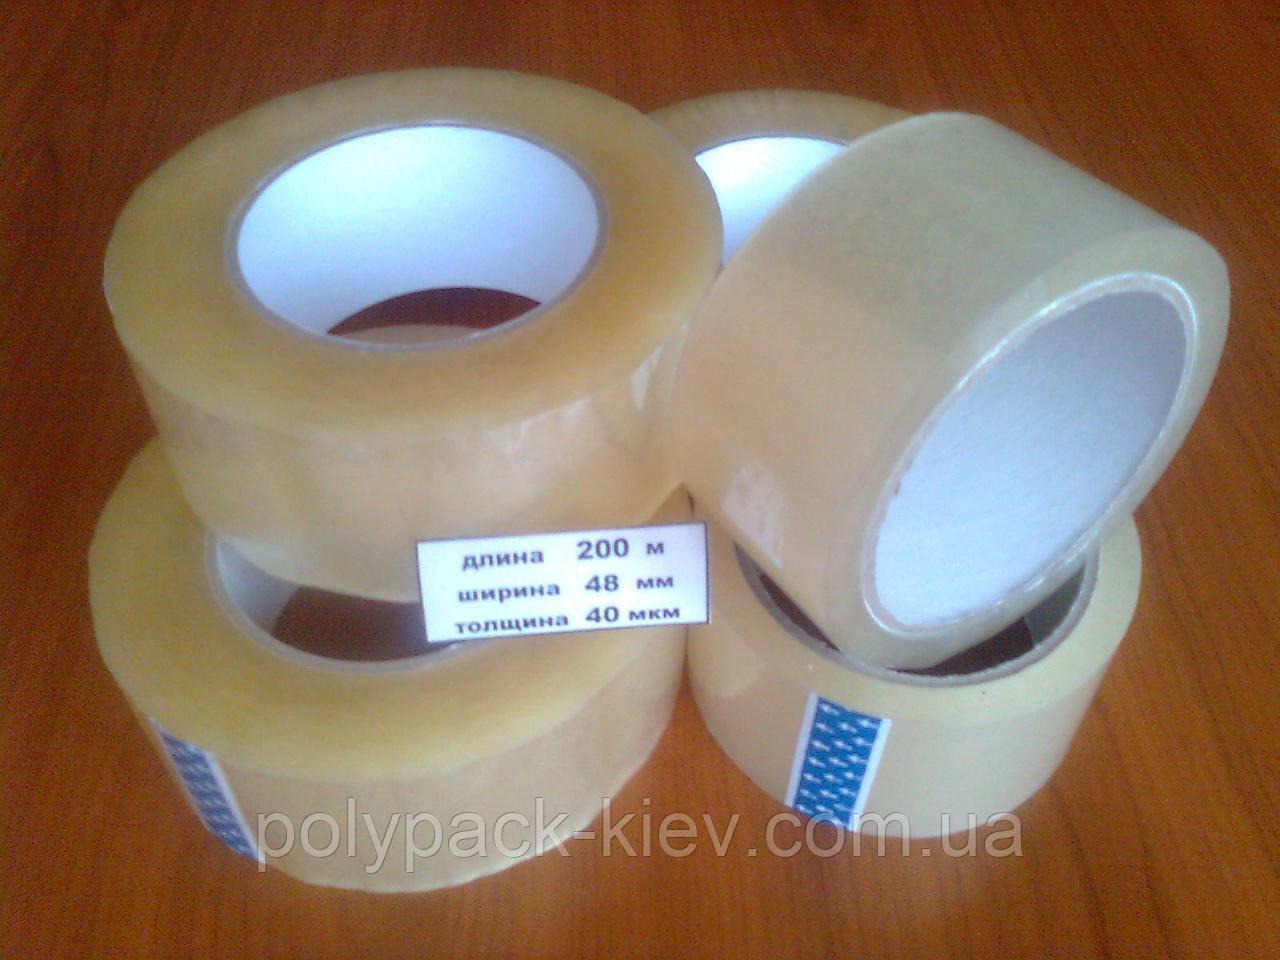 Скотч 200м./48мм./40мкм. упаковочный, прозрачный, упаковочная клейкая лента купить